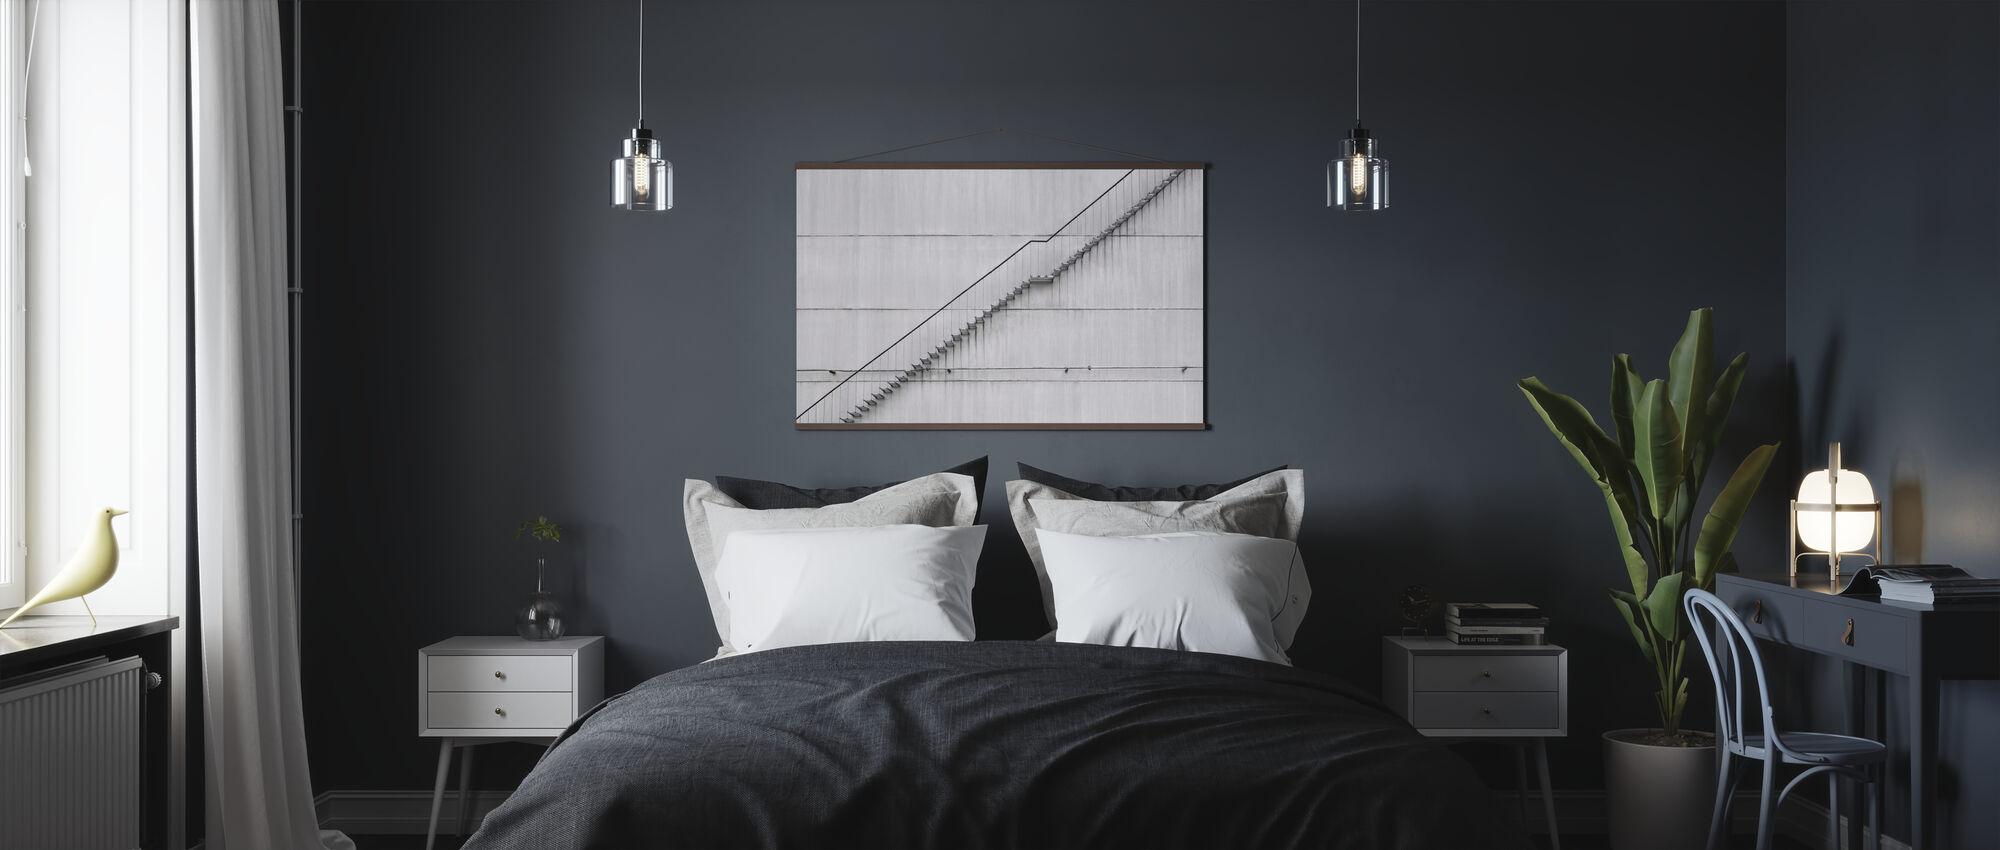 Lange Treppe - Poster - Schlafzimmer